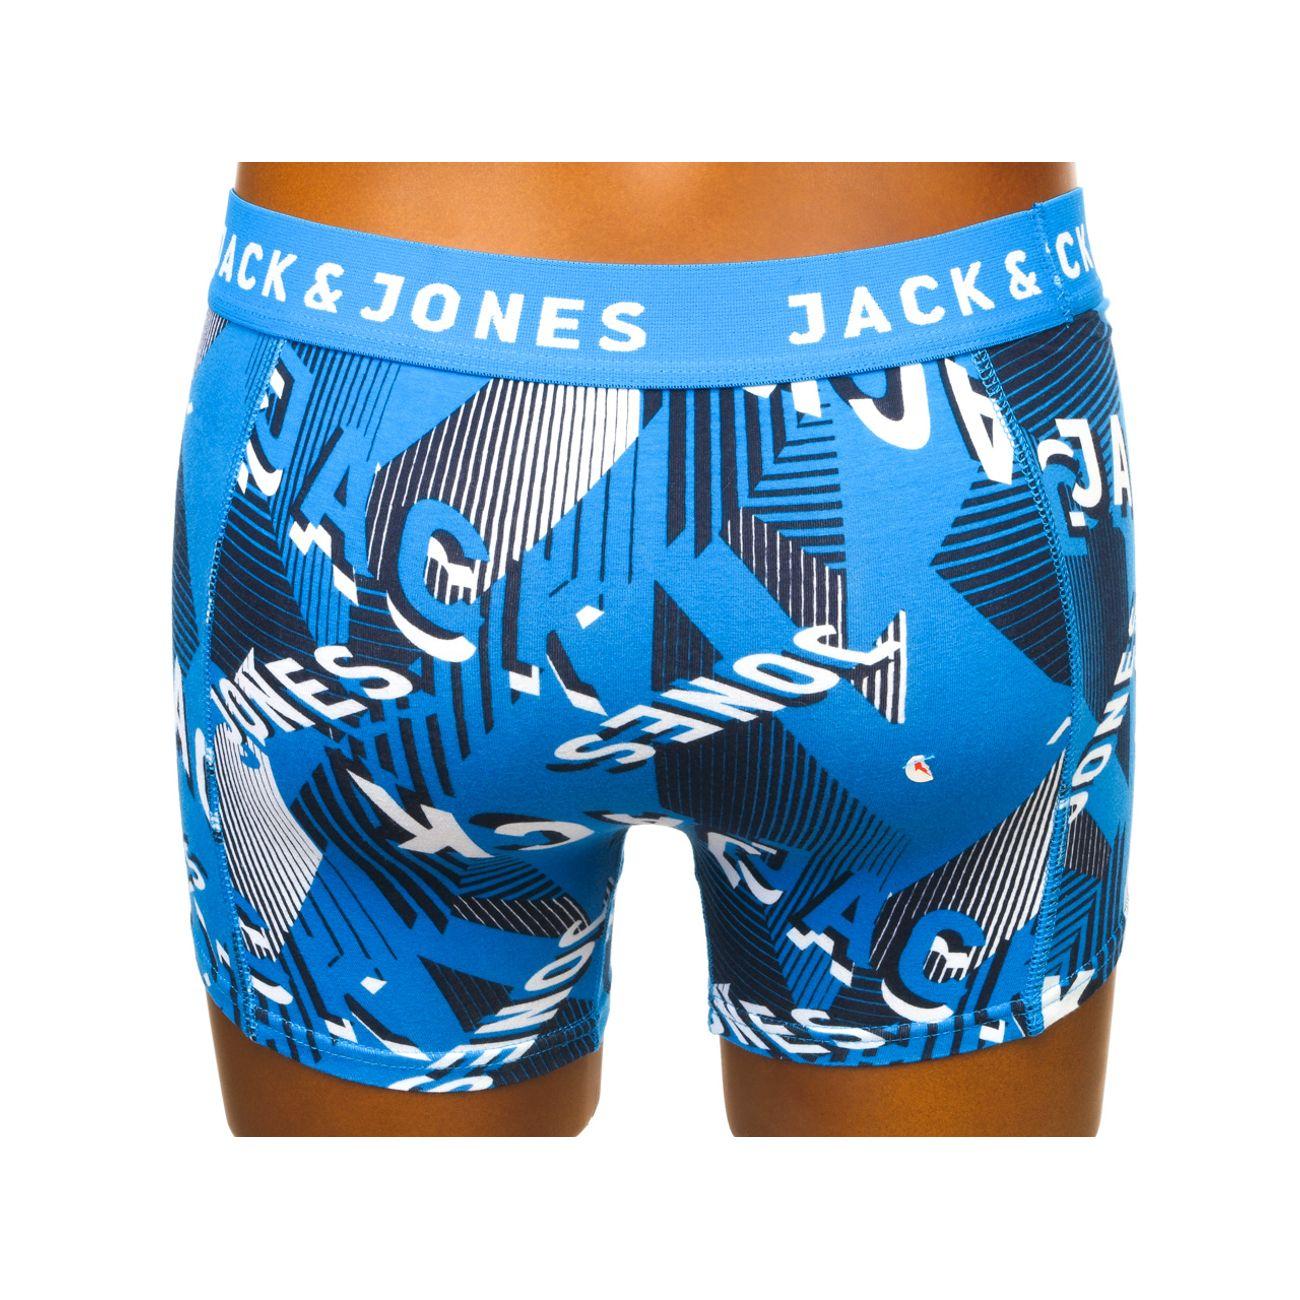 ModeLifestyle And Trunks Jones Jack Logo Boxer Jne Homme TK1lJF5uc3